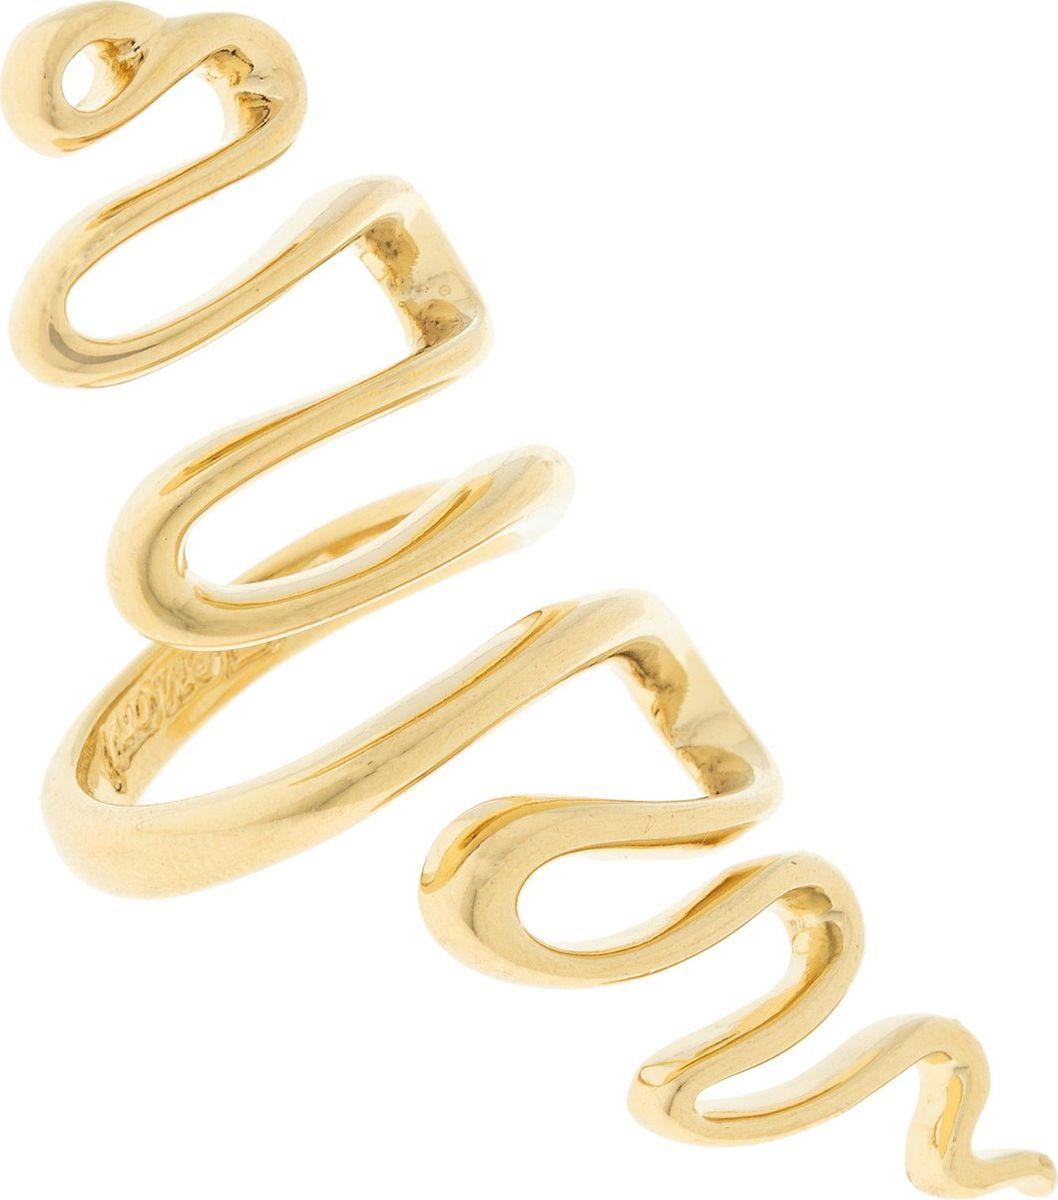 Кольцо Jenavi Этюд. Кимпу, цвет: золотой. Размер 19Коктейльное кольцоИзящное кольцо Jenavi из коллекции Этюд. Кимпу изготовлено из ювелирного сплава с покрытием из позолоты. Изделие выполнено в необычном дизайне. Стильное кольцо придаст вашему образу изюминку, подчеркнет индивидуальность.